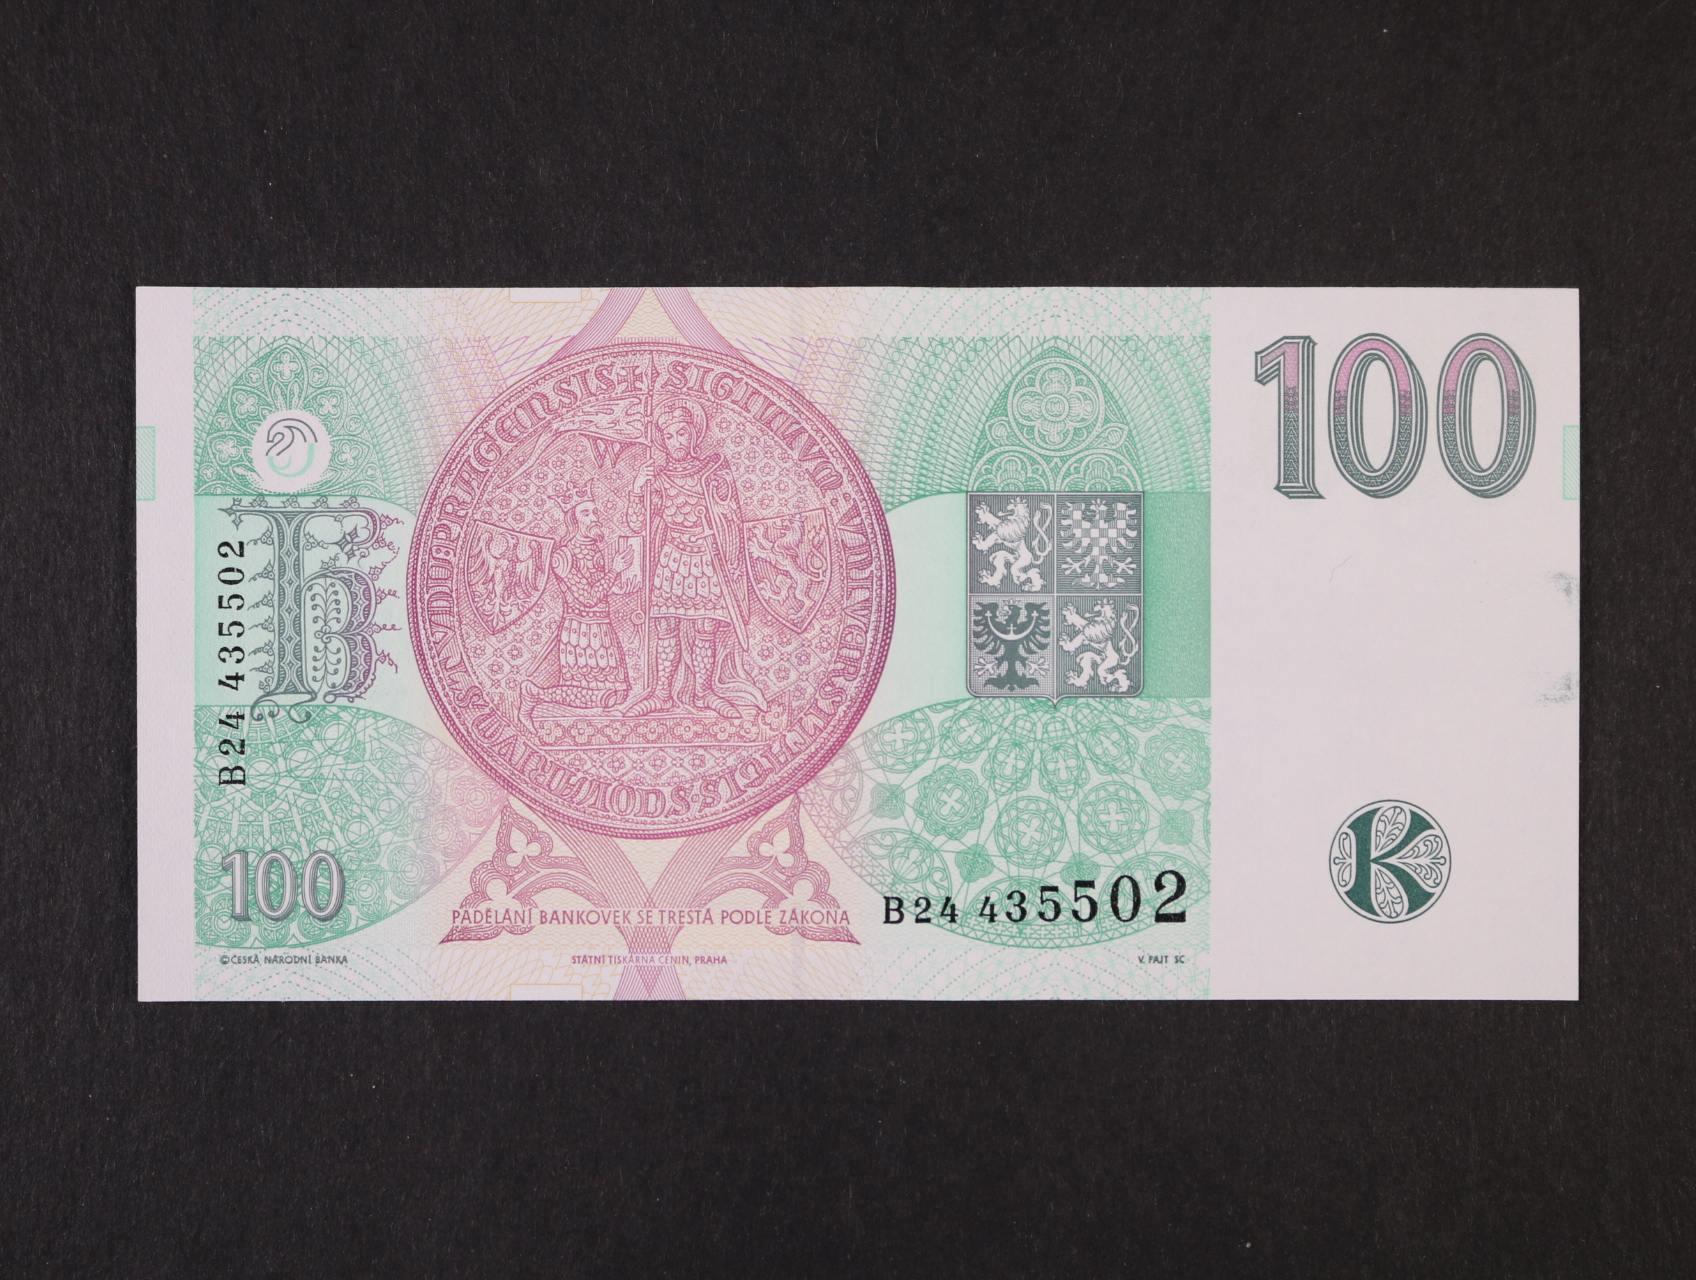 chybotisk, 100 Kč 1995 série B 24 s převráceným papírem (vodoznak a proužek), Ba. CZ 12, Pi. 12